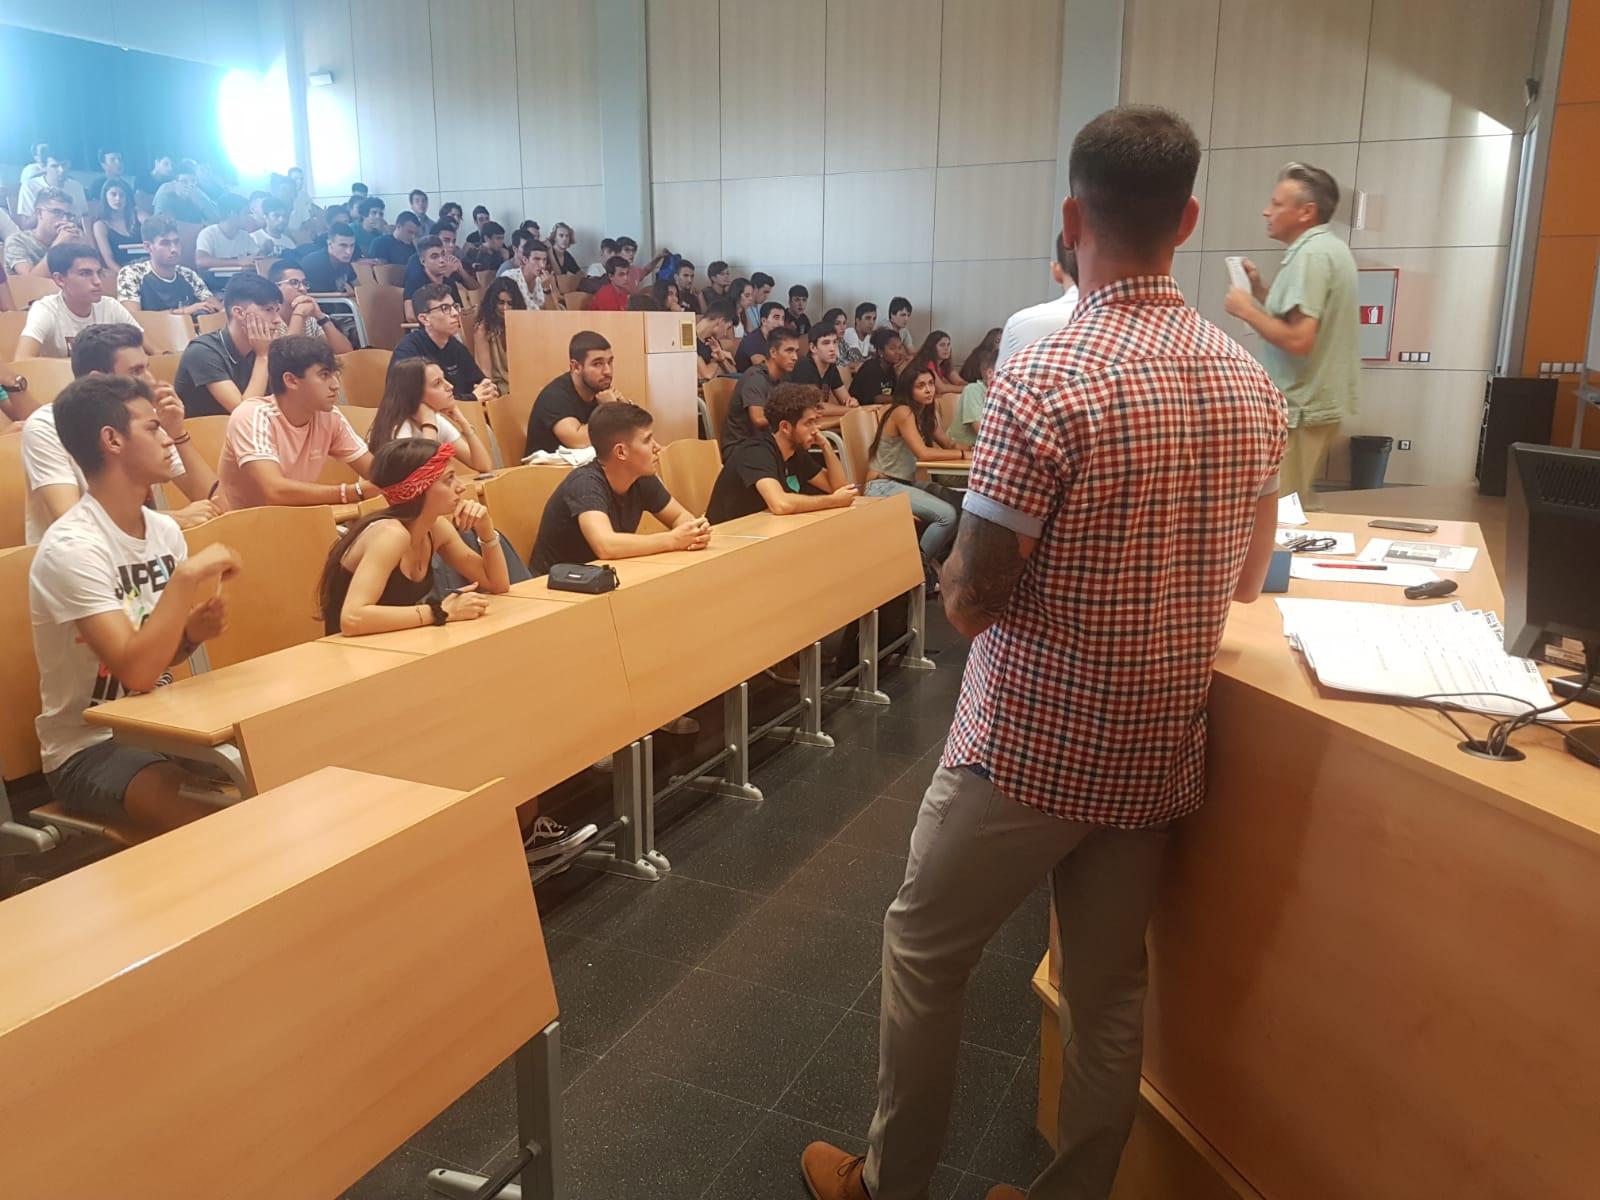 Tret de sortida al curs acadèmic 2018/19 en les diferents seus de l'Escola Universitària de la Salut i l'Esport